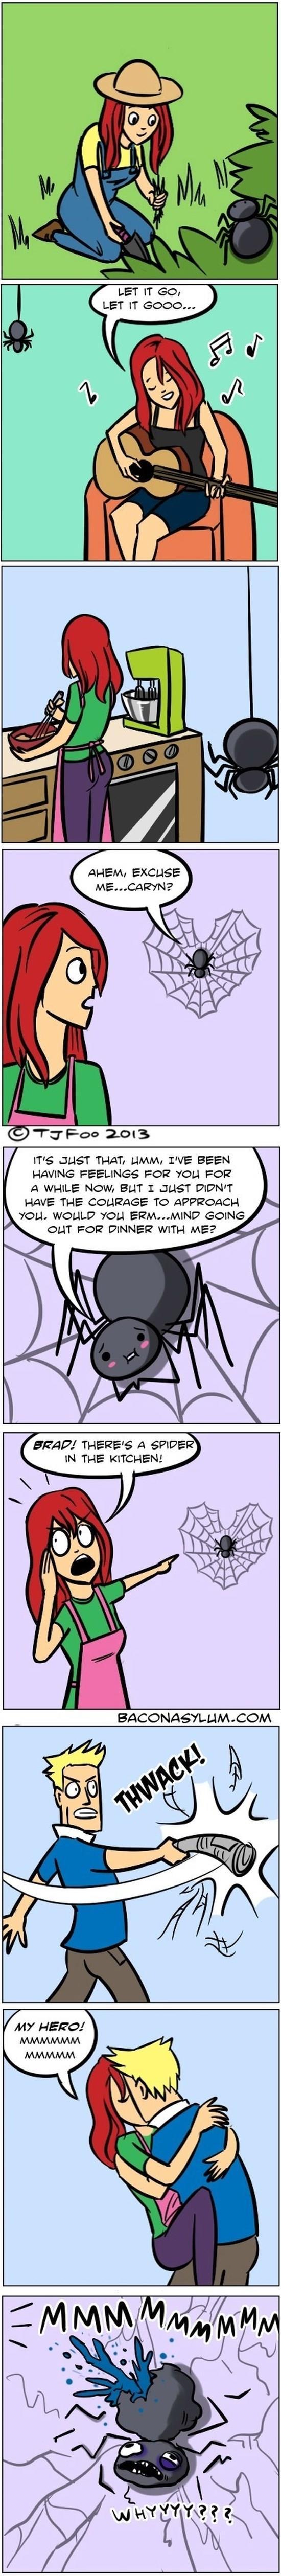 Spider Confession